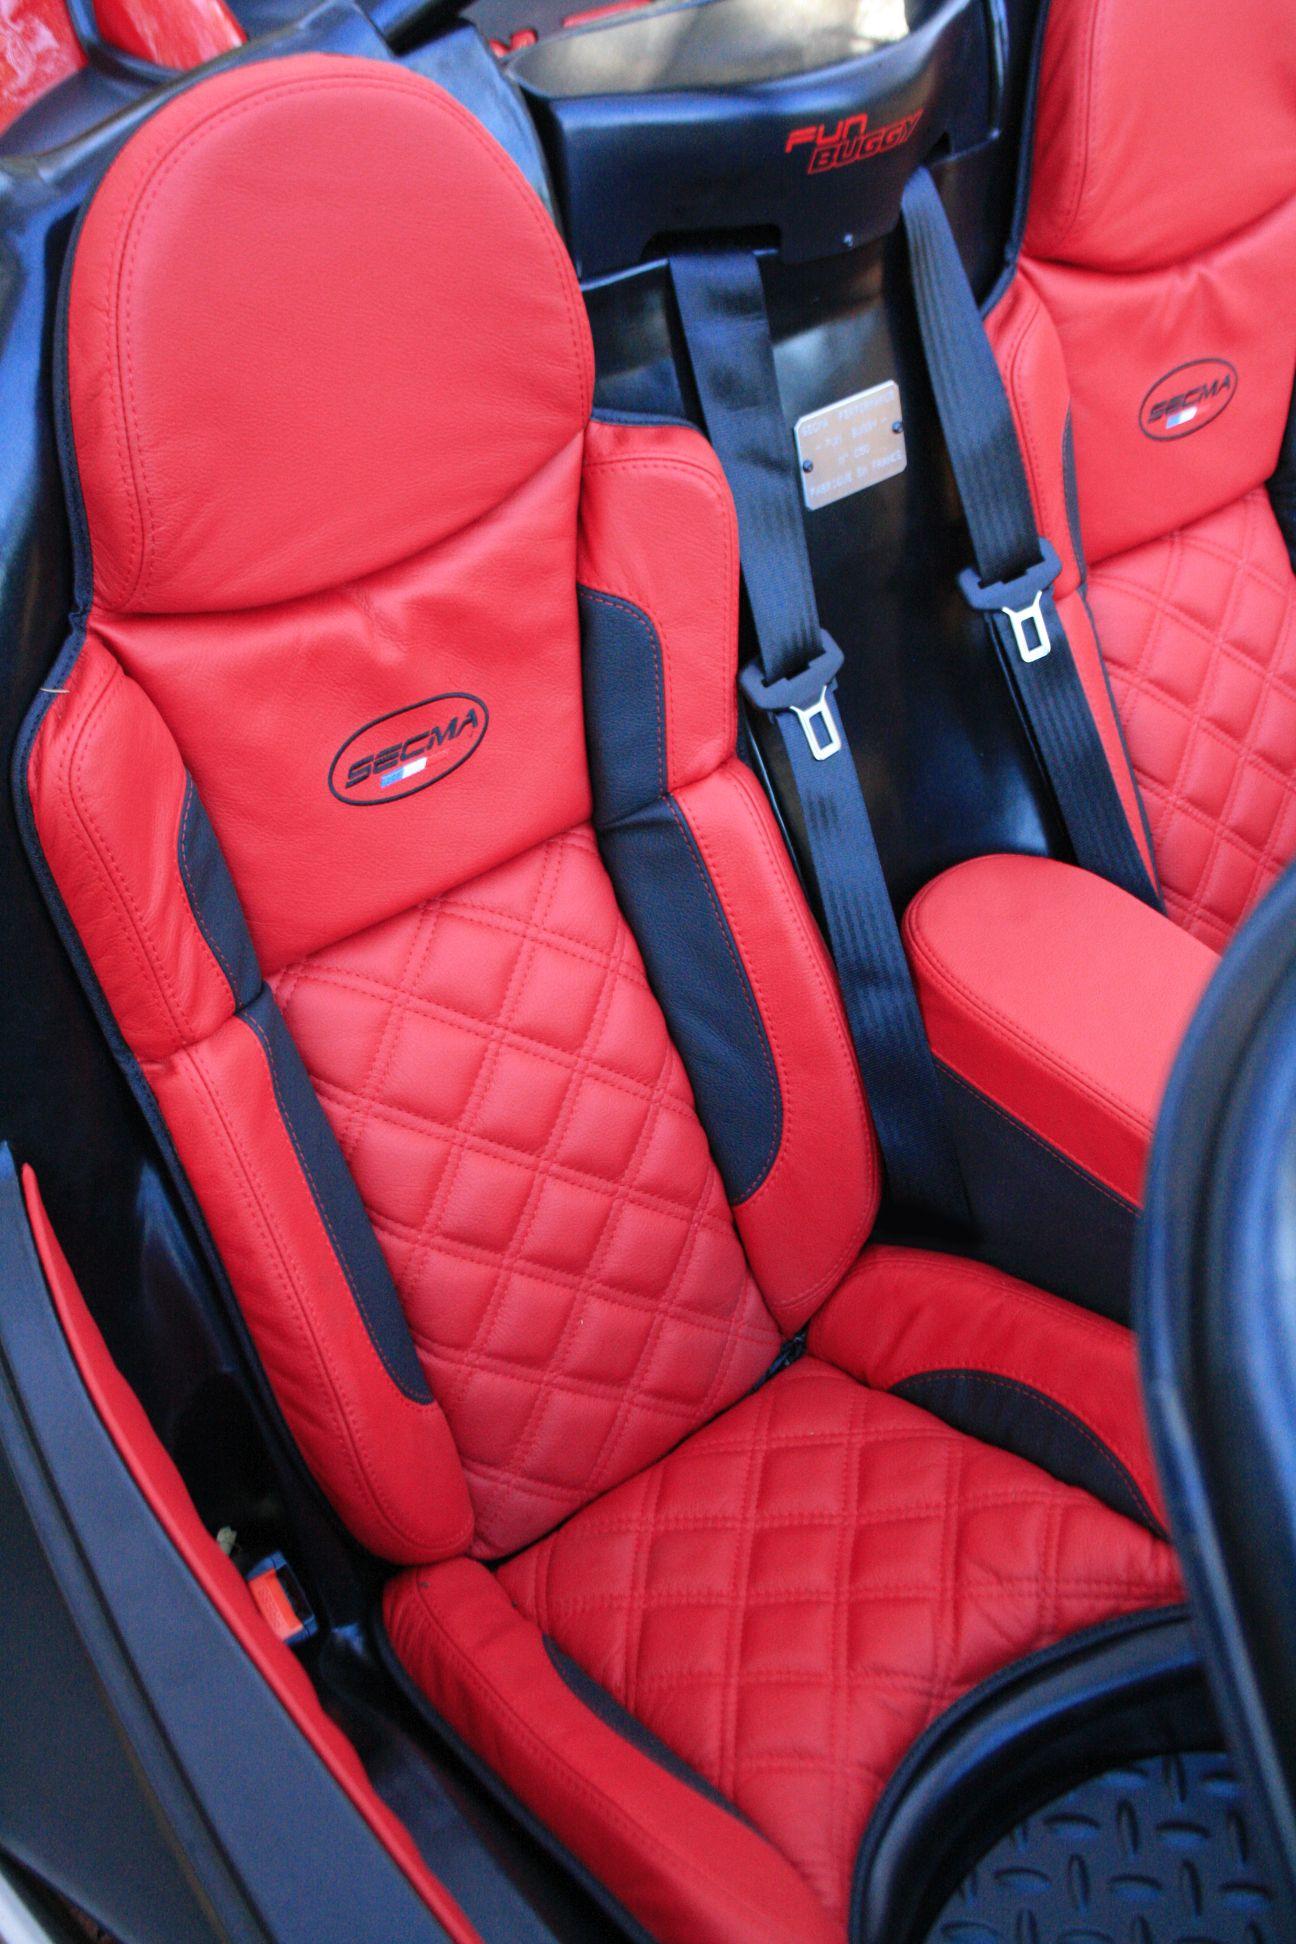 SECMA Fun Buggy #50, sellerie cuir gaufrée bicolore rouge et noir, sa part de luxe.